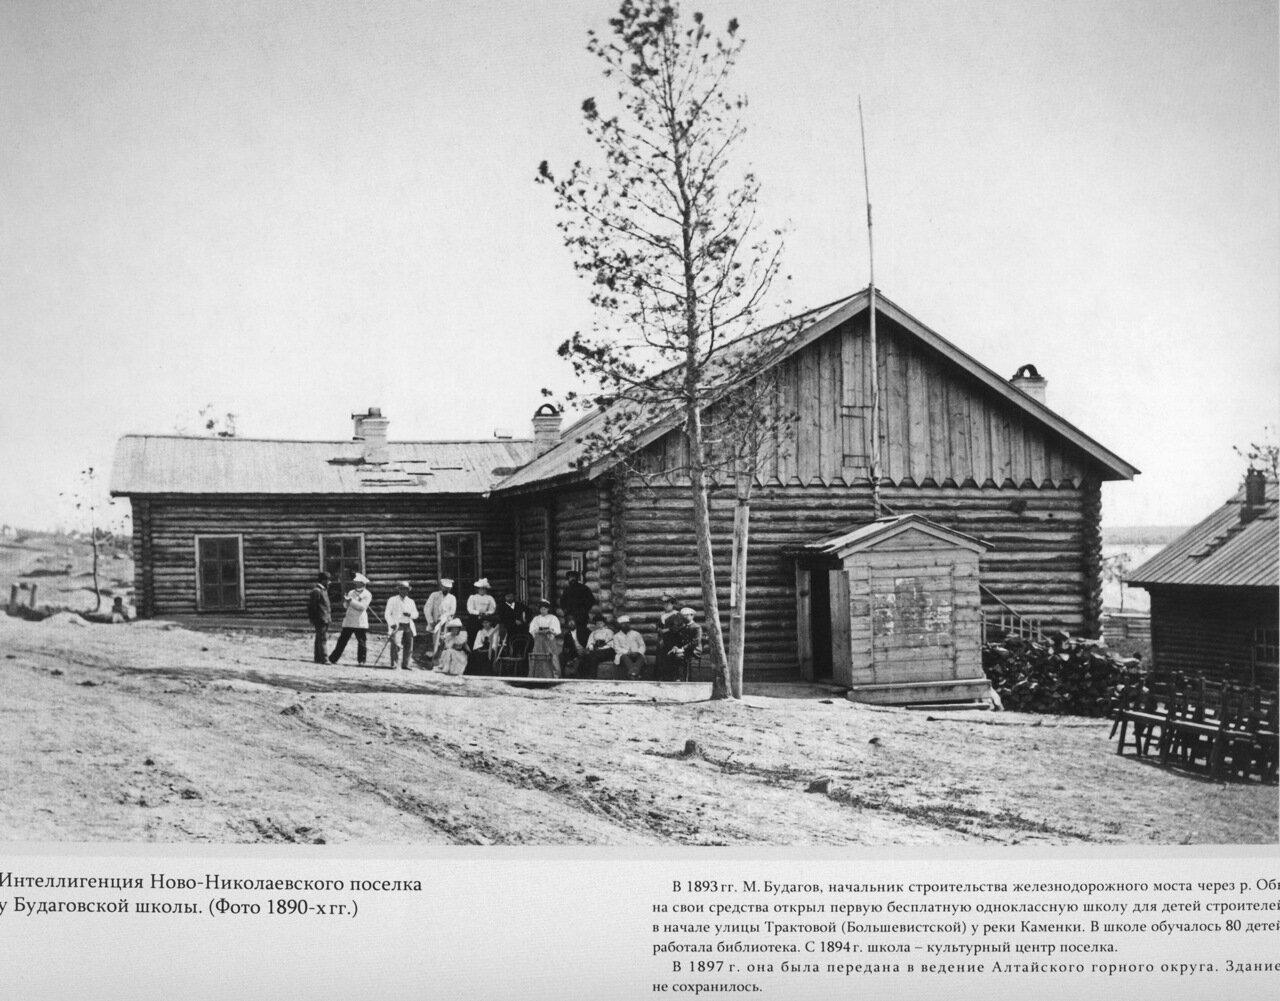 Новониколаевск, городская интеллигенция у Будаговской школы, 1890-е годы